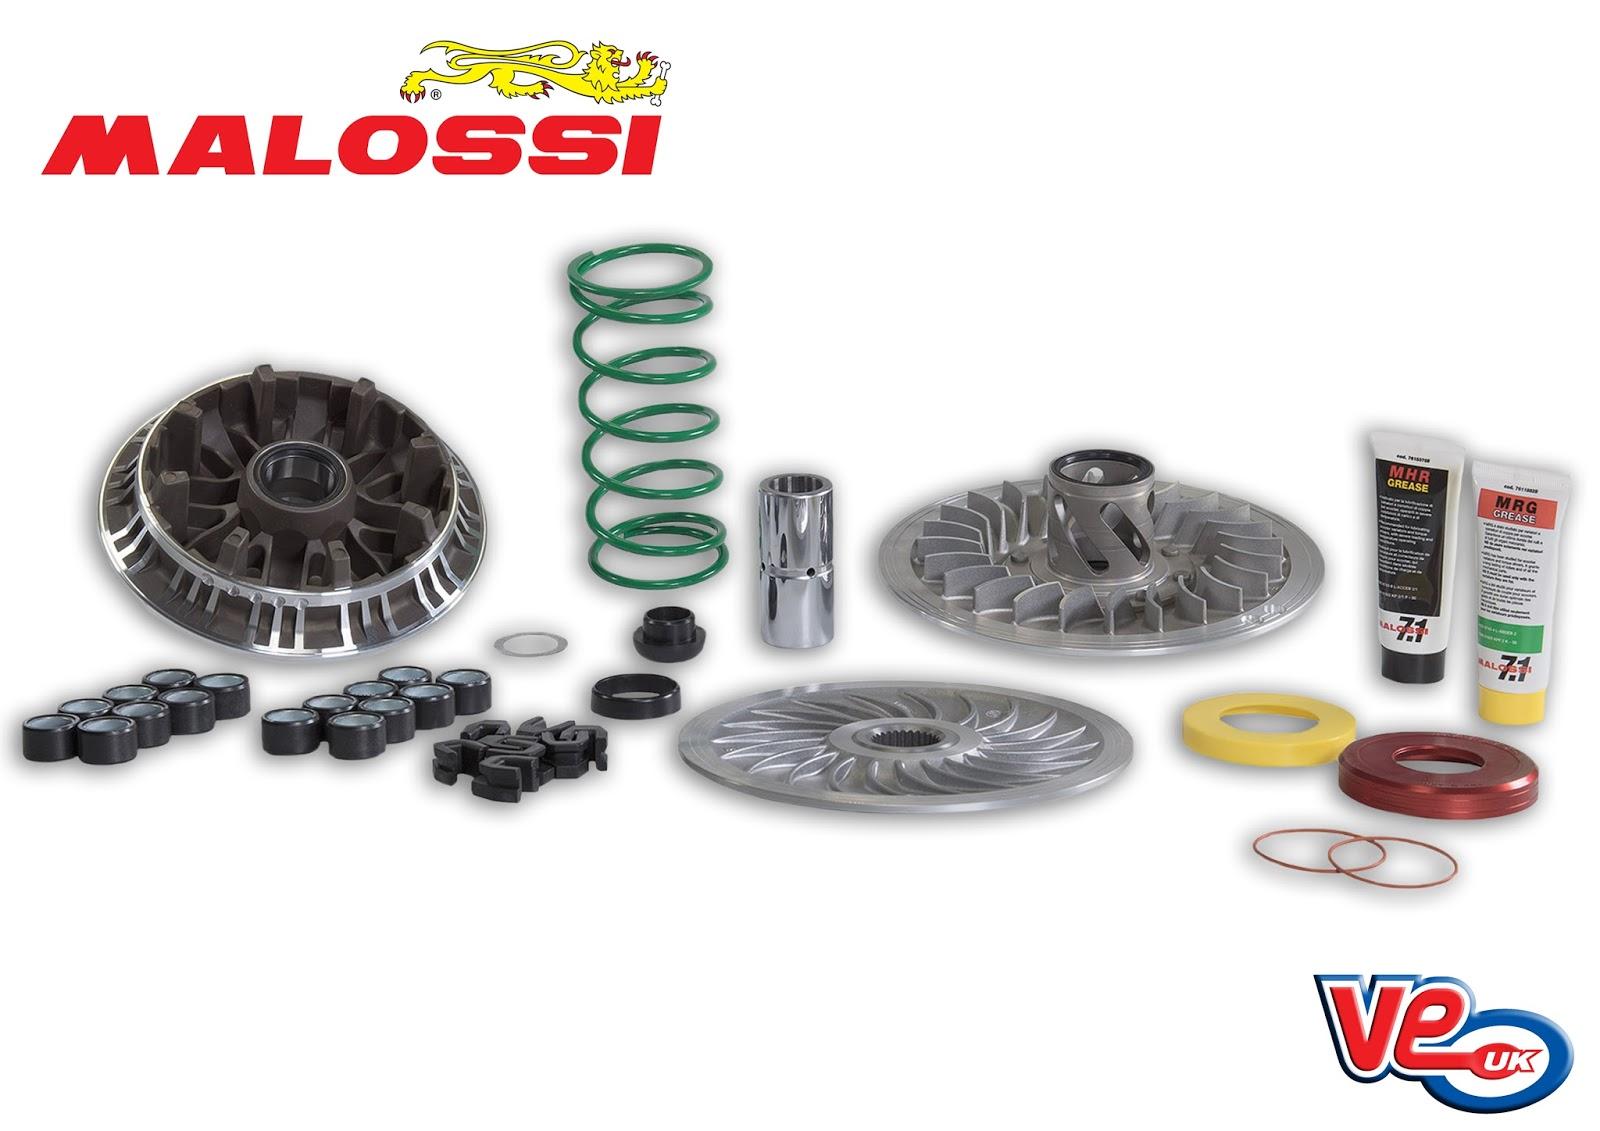 Malossi Over Range Kit for Kymco AK 550